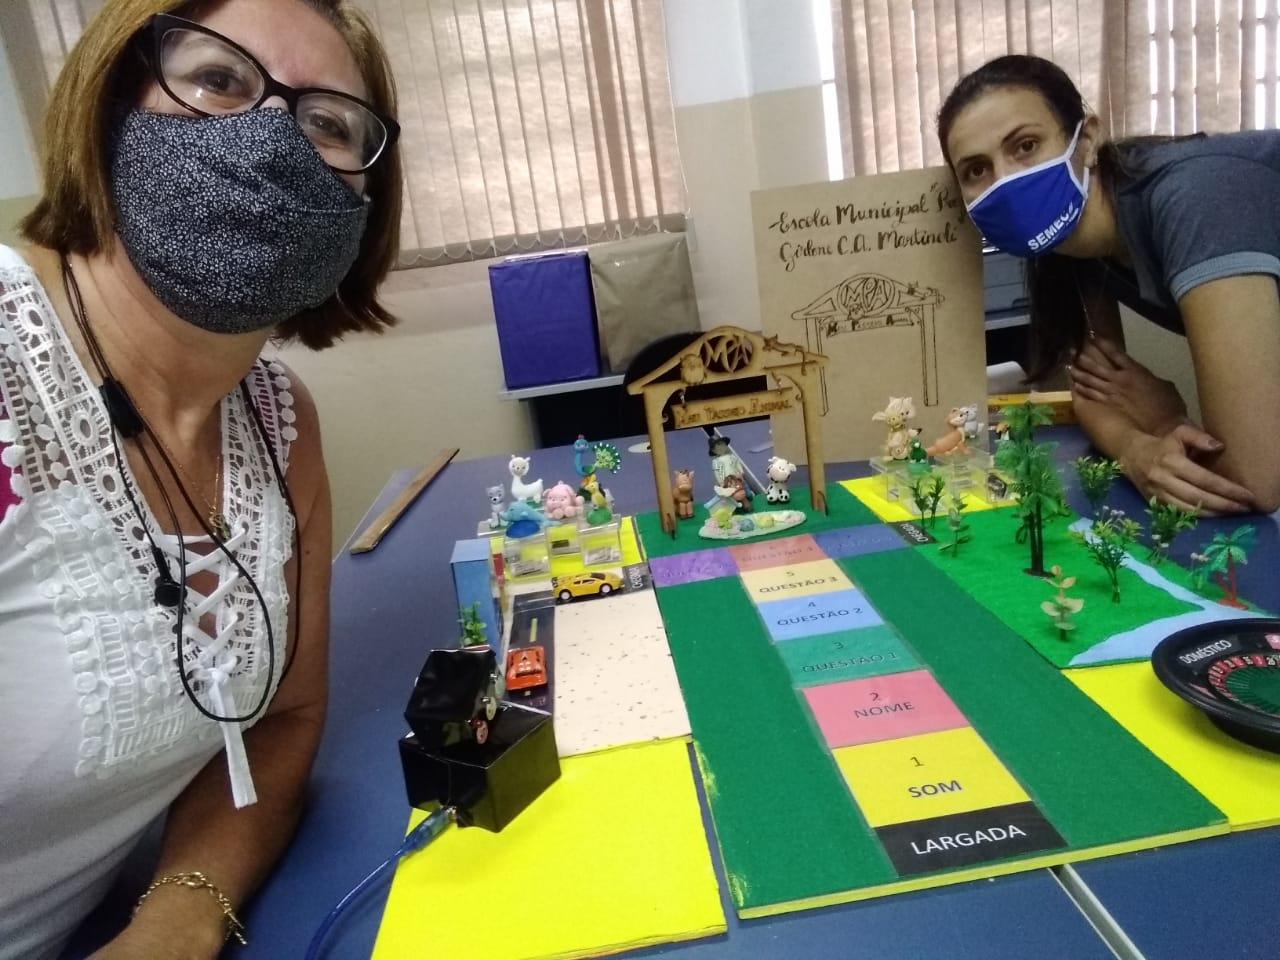 Em sala dos professores, duas educadoras utilizando máscaras tiram foto ao lado do jogo Meu passeio animal. Fim da descrição.